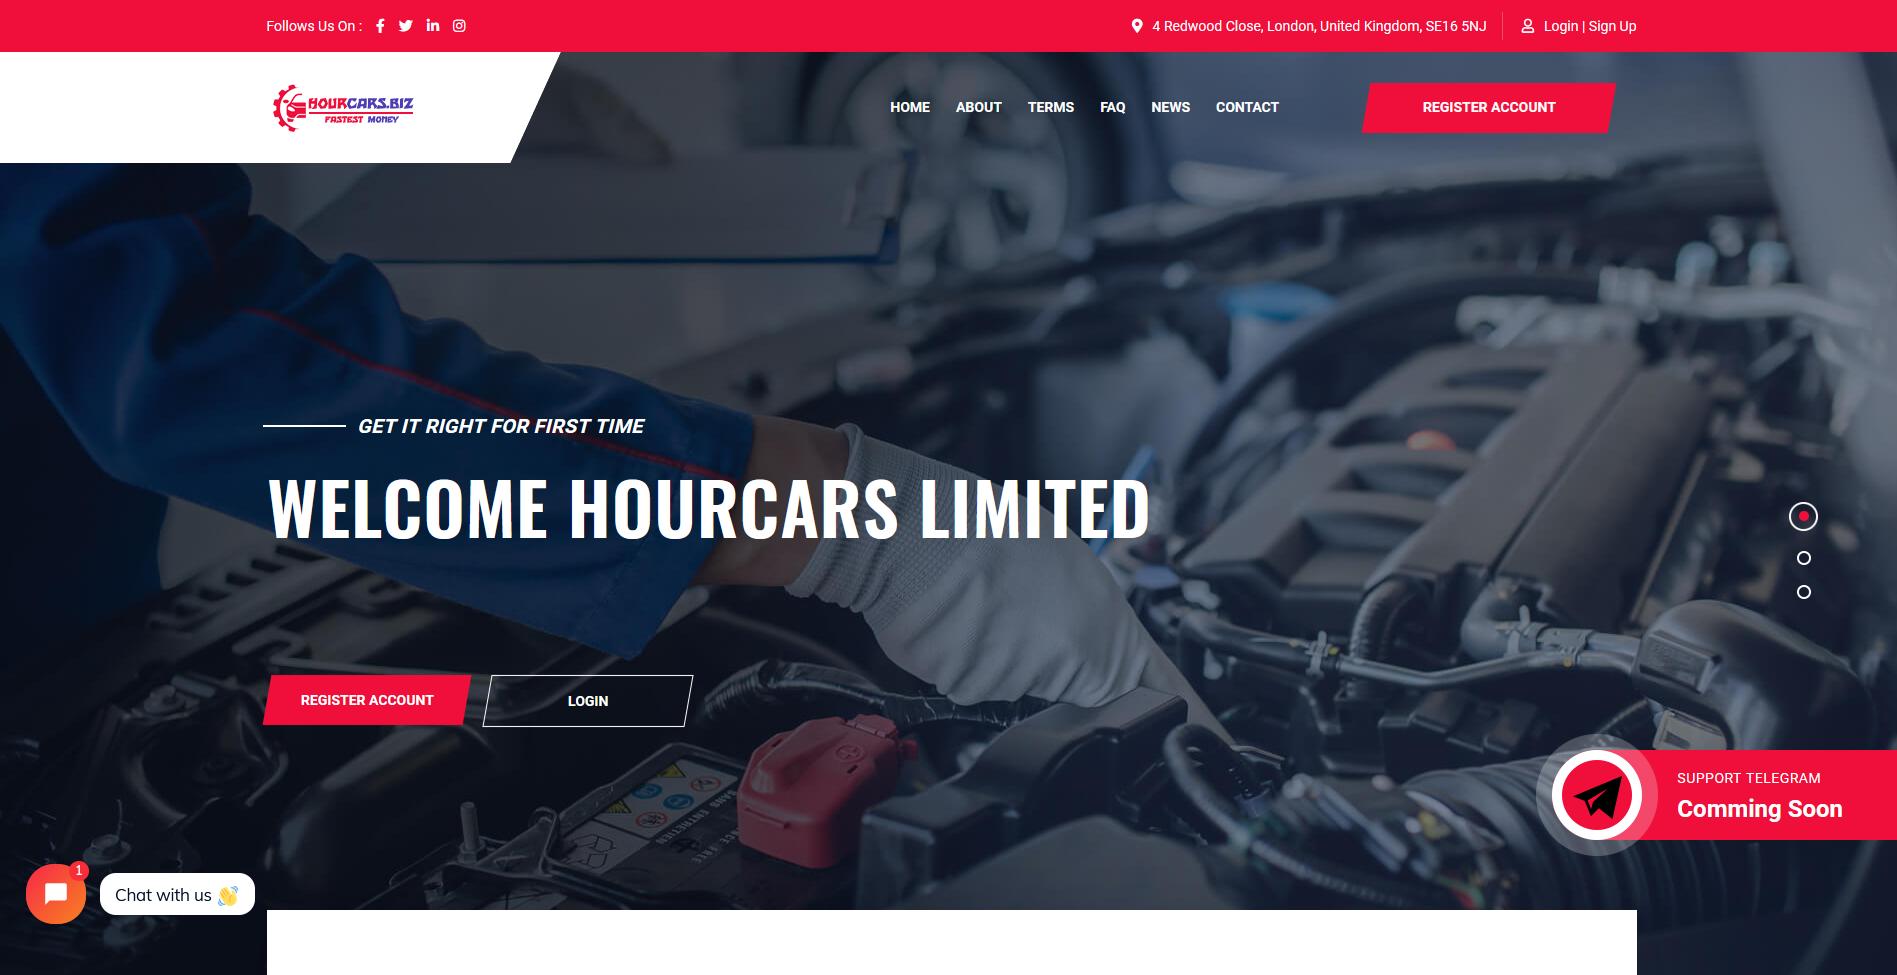 Hourcars